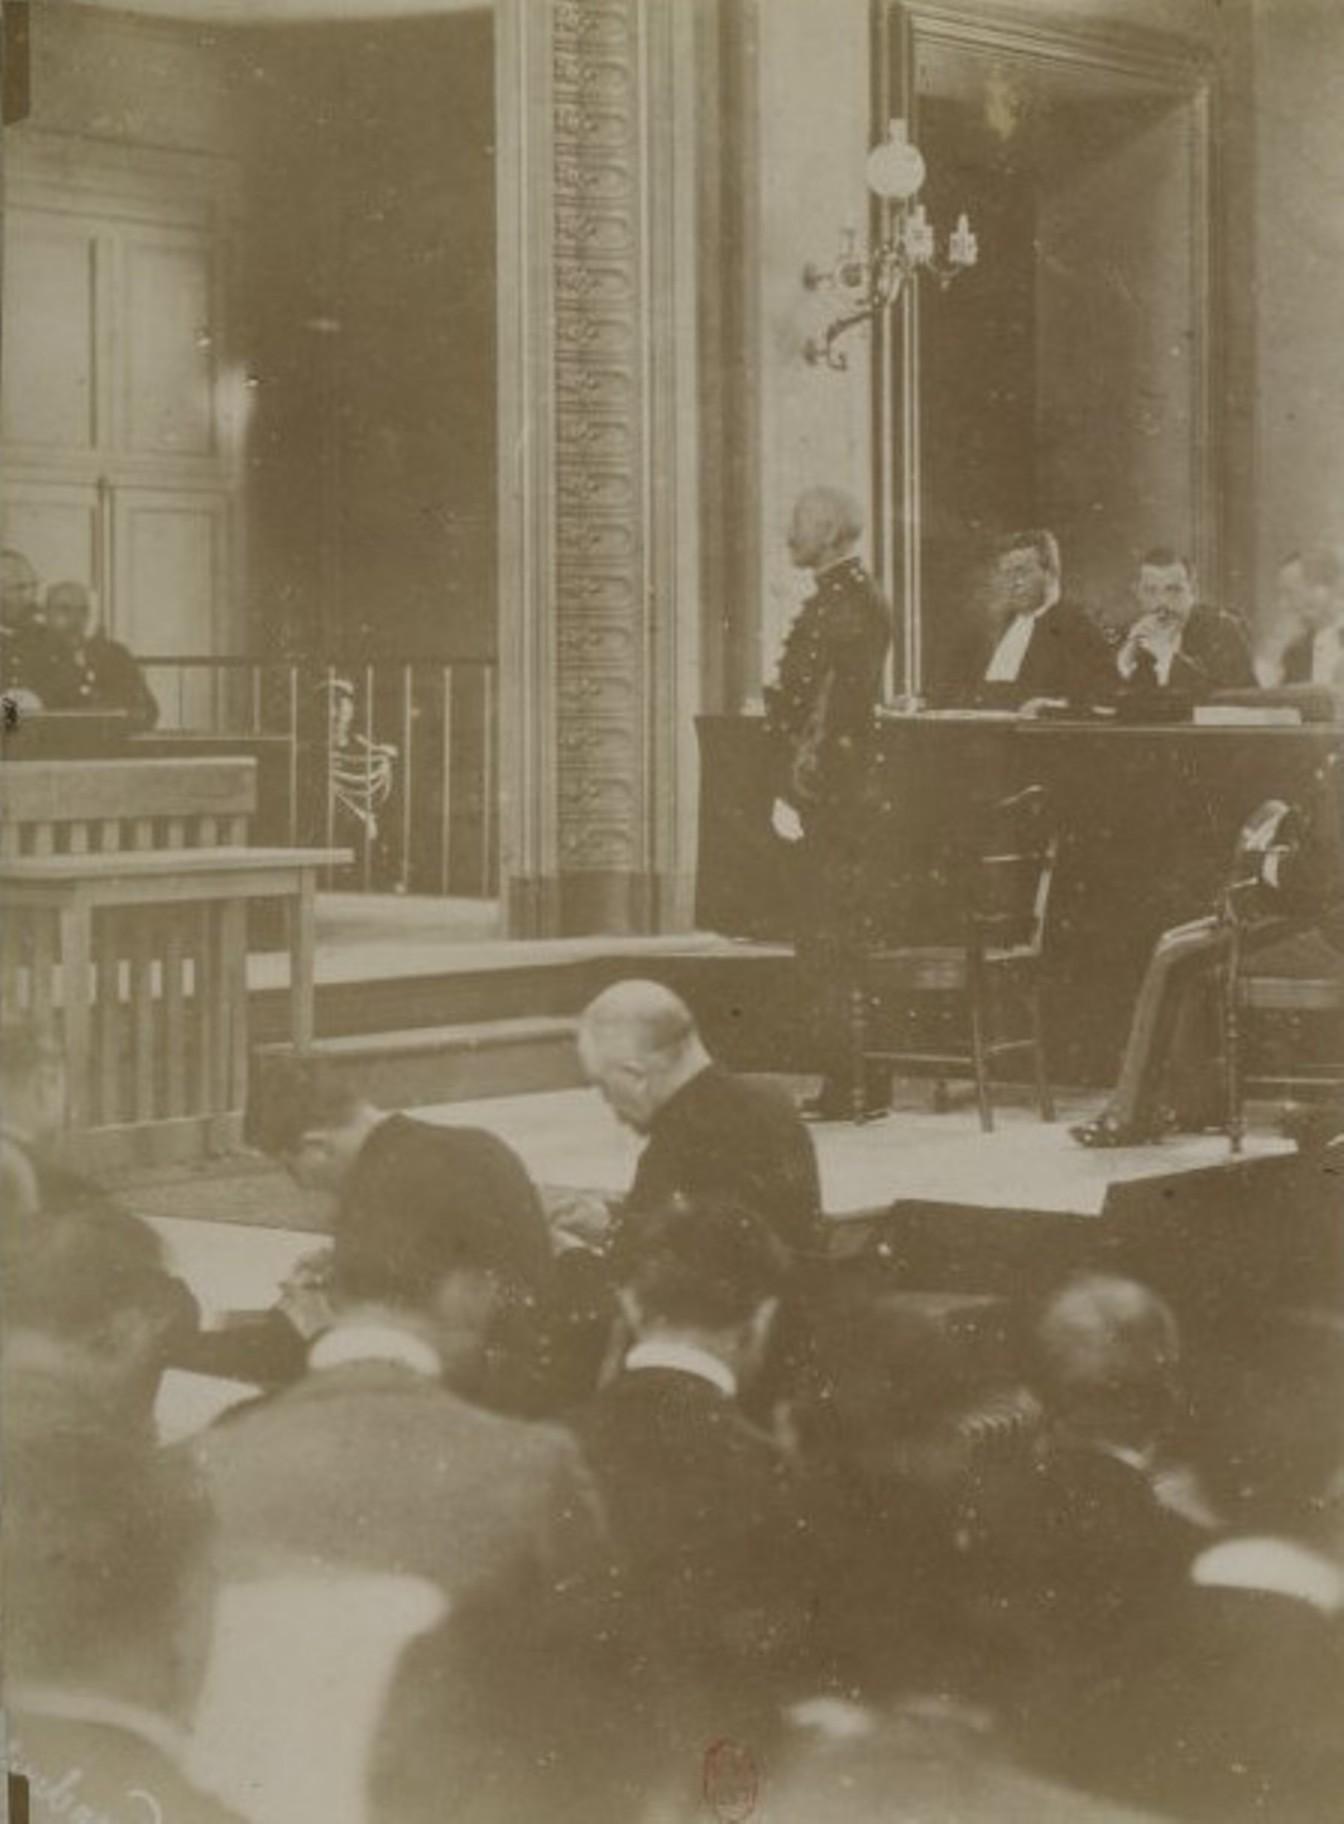 Image - L'interrogatoire de Dreyfus